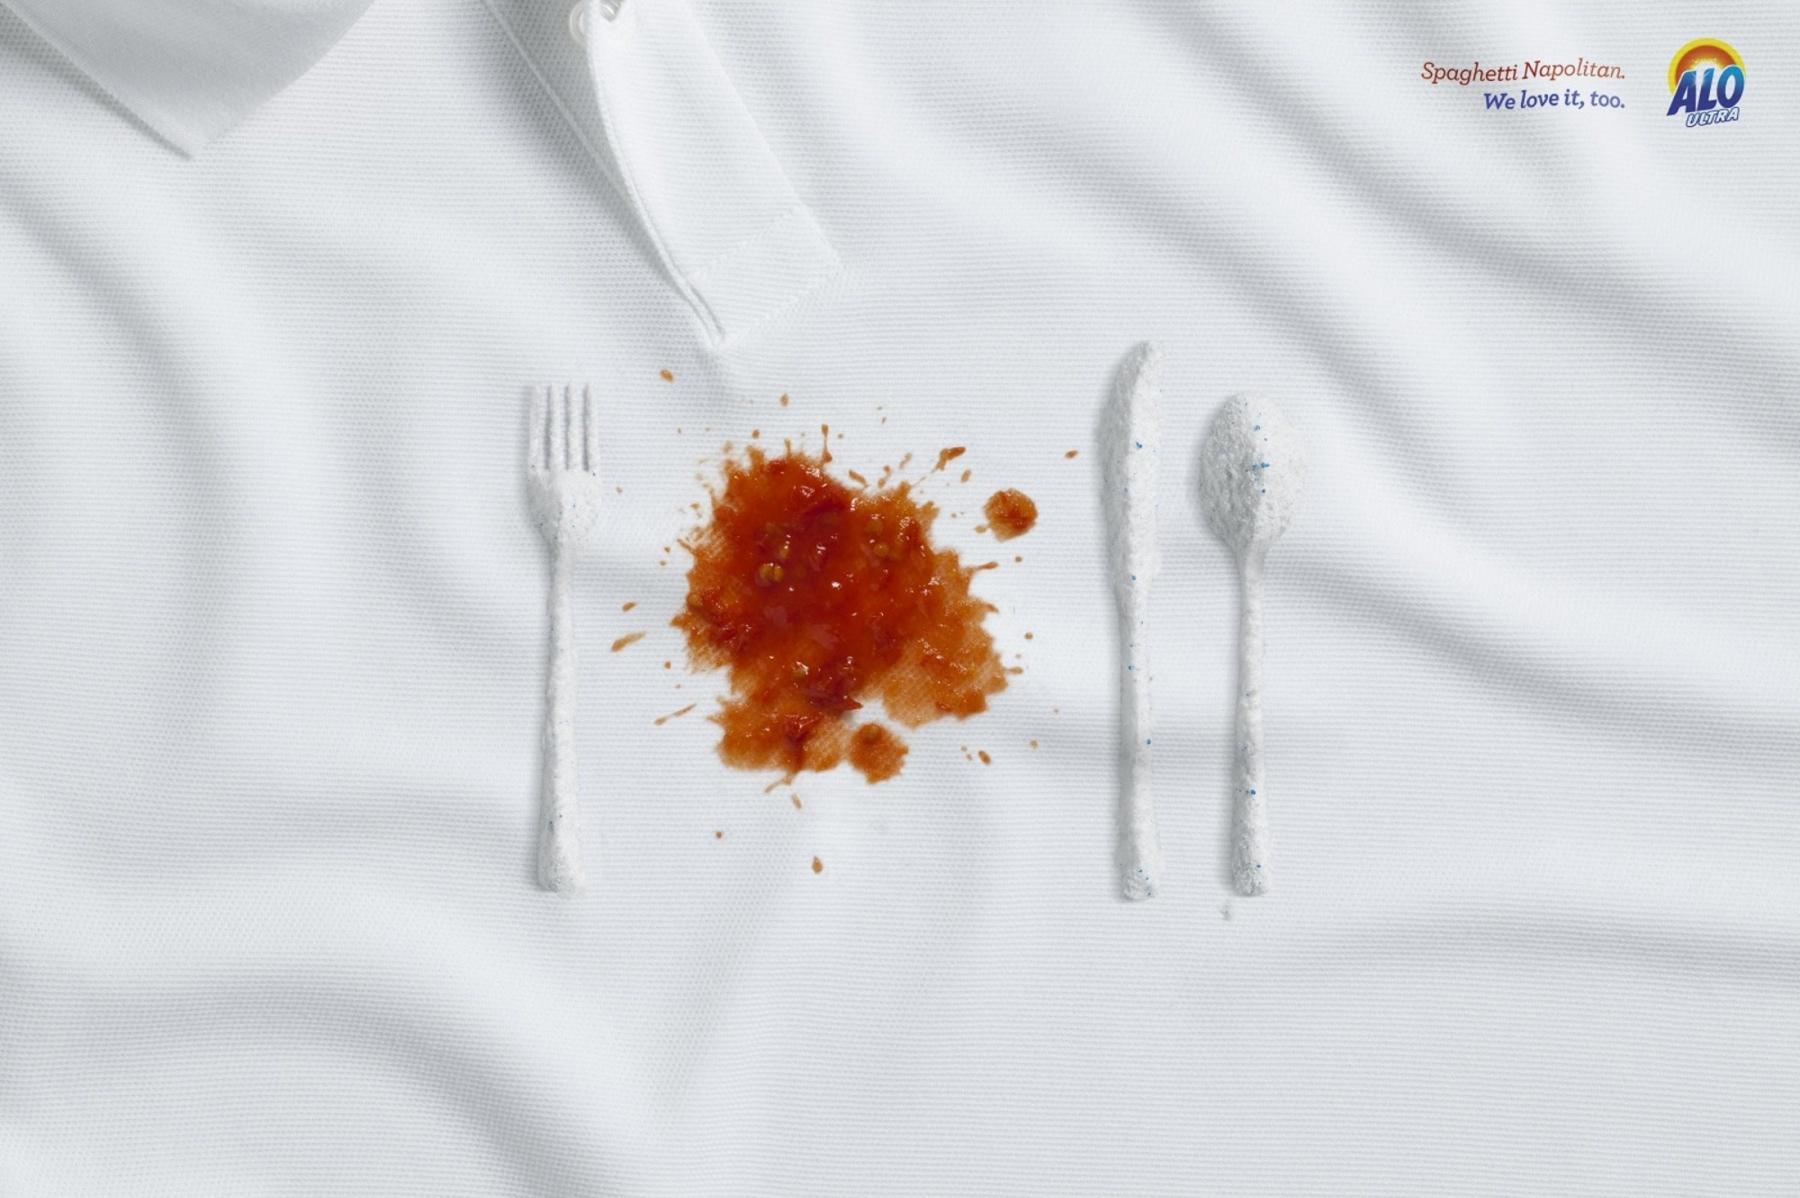 Alo Ultra Print Ad -  Spaghetti Napolitan